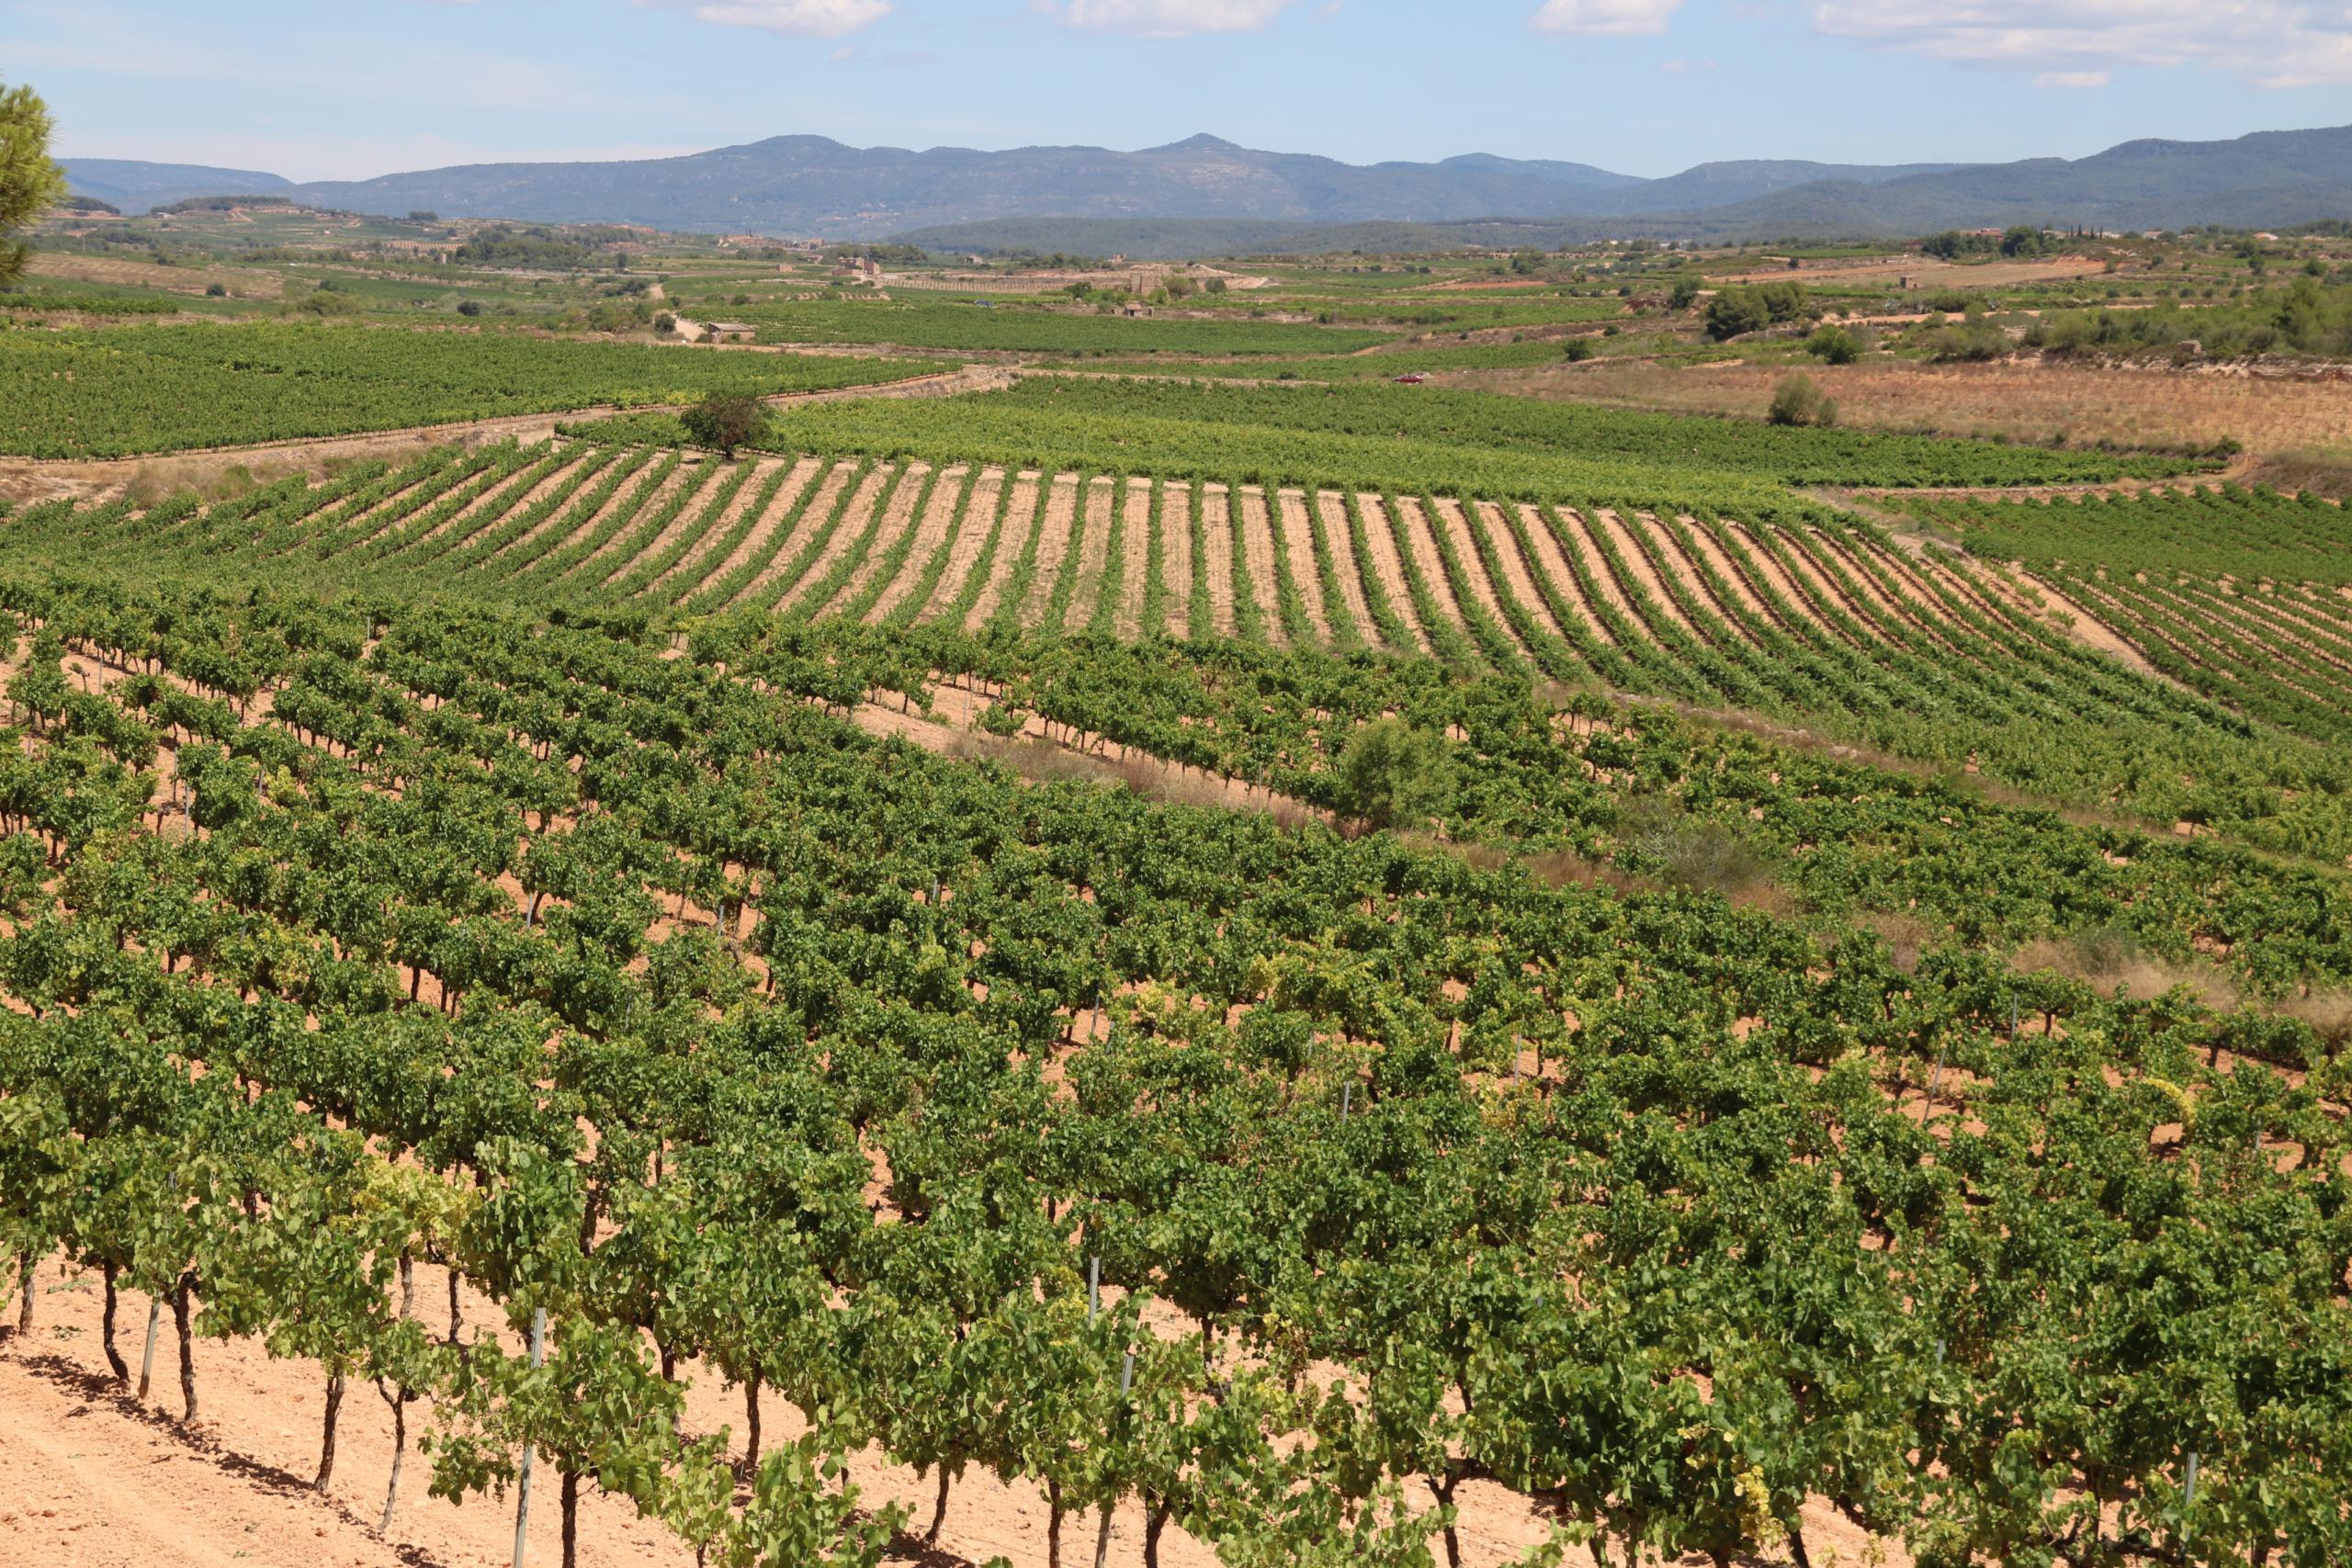 Vinyes de la DO Tarragona, a la comarca de l'Alt Camp | ACN